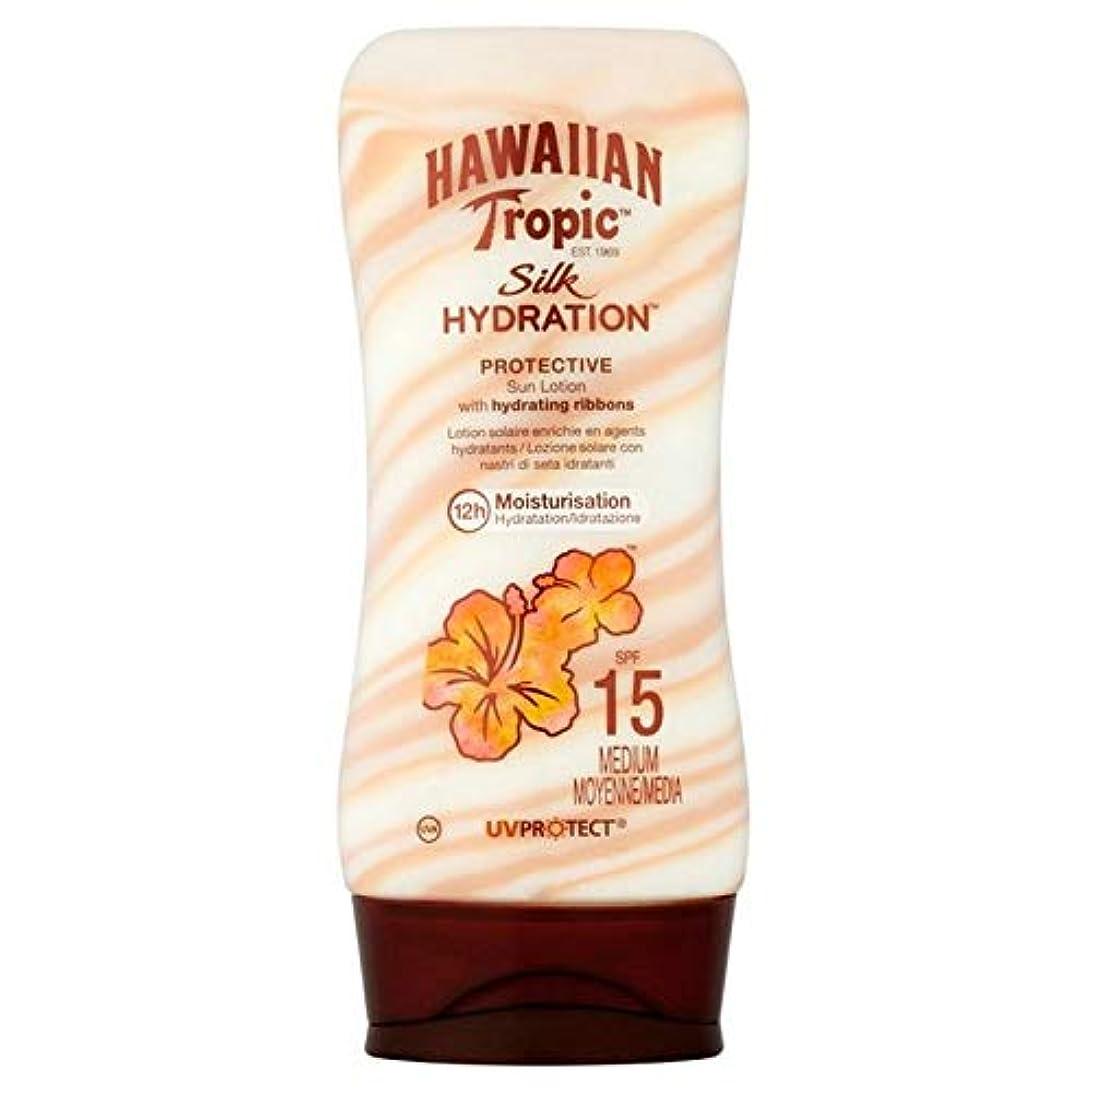 ルームグリル取り扱い[Hawaiian Tropic ] 南国ハワイシルク水和日ローションSpf 15 180ミリリットル - Hawaiian Tropic Silk Hydration Sun Lotion SPF 15 180ml [...